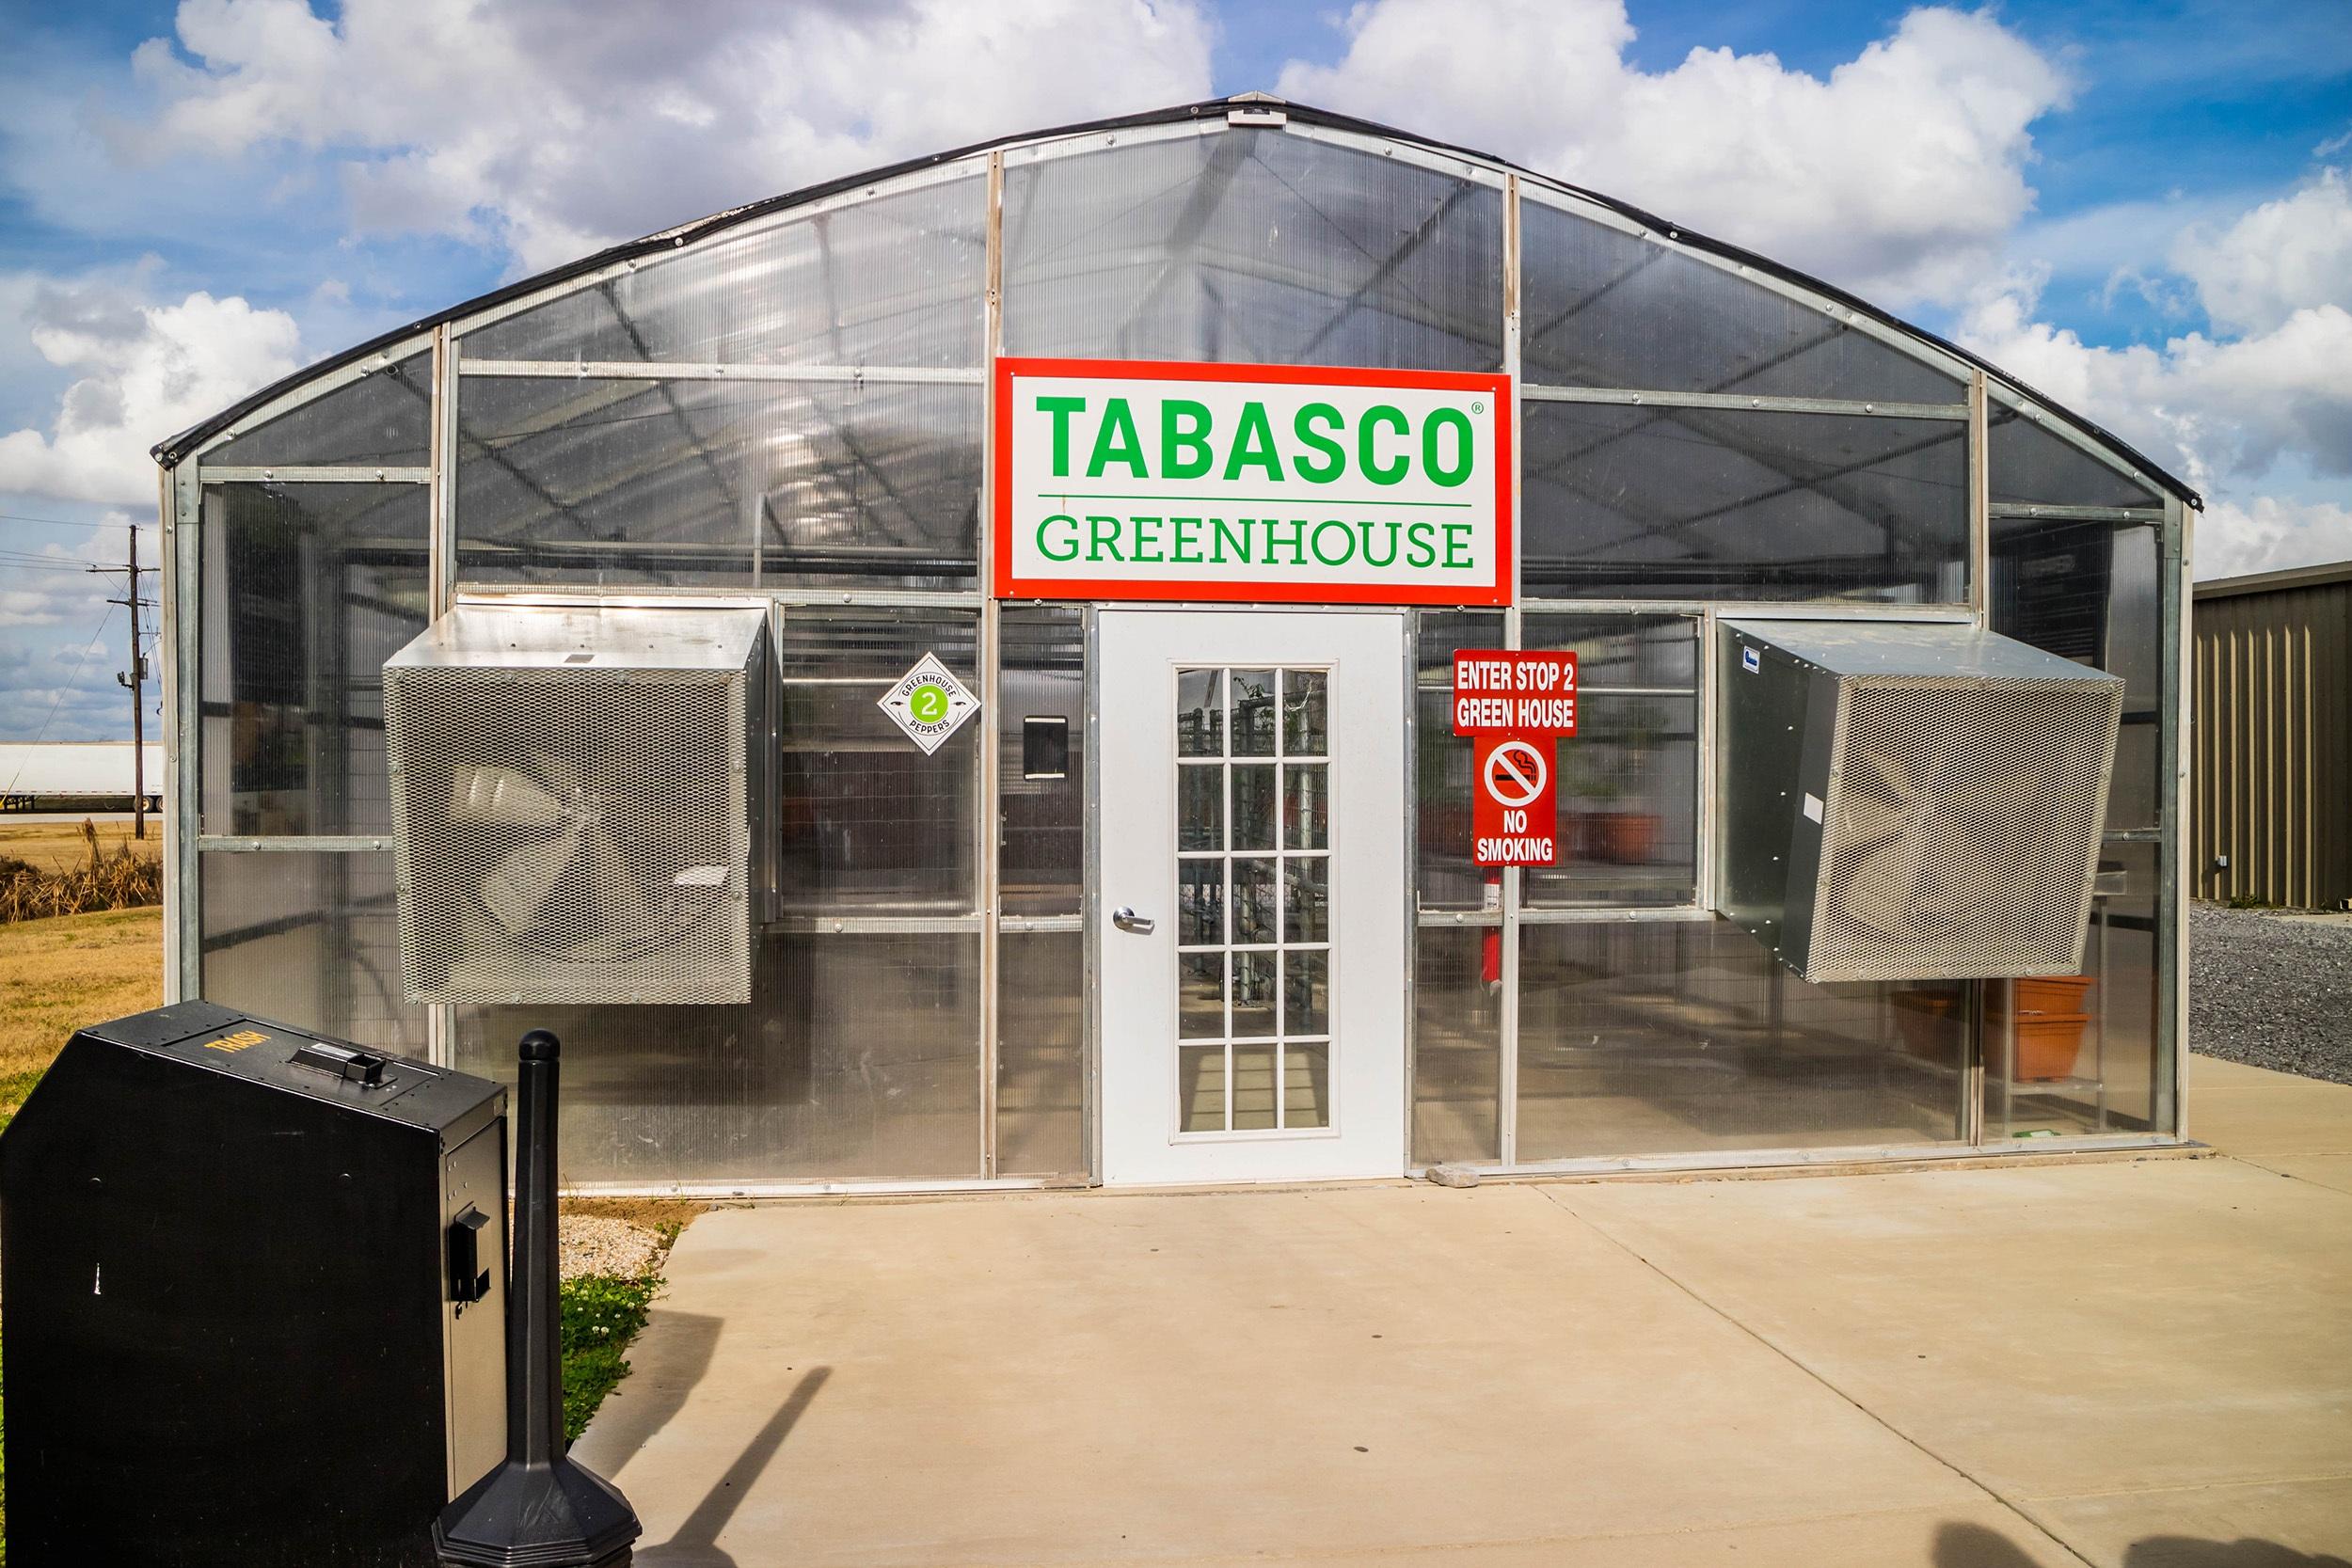 Tabasco Factory Tour & Museum